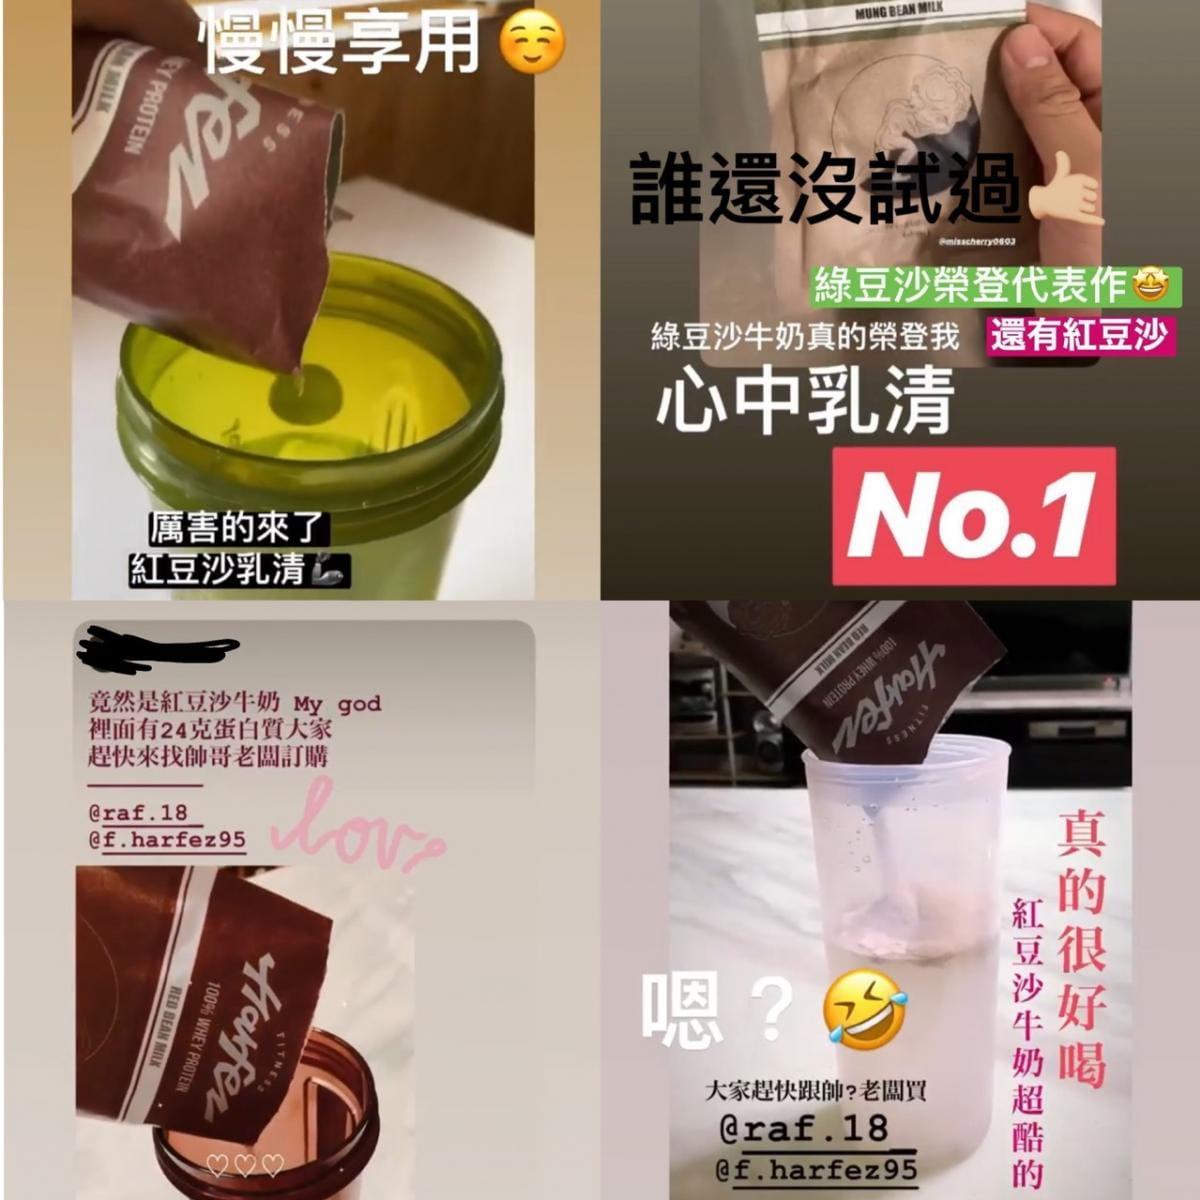 【力宴健身】原創乳清蛋白 - 木瓜牛奶風味 6